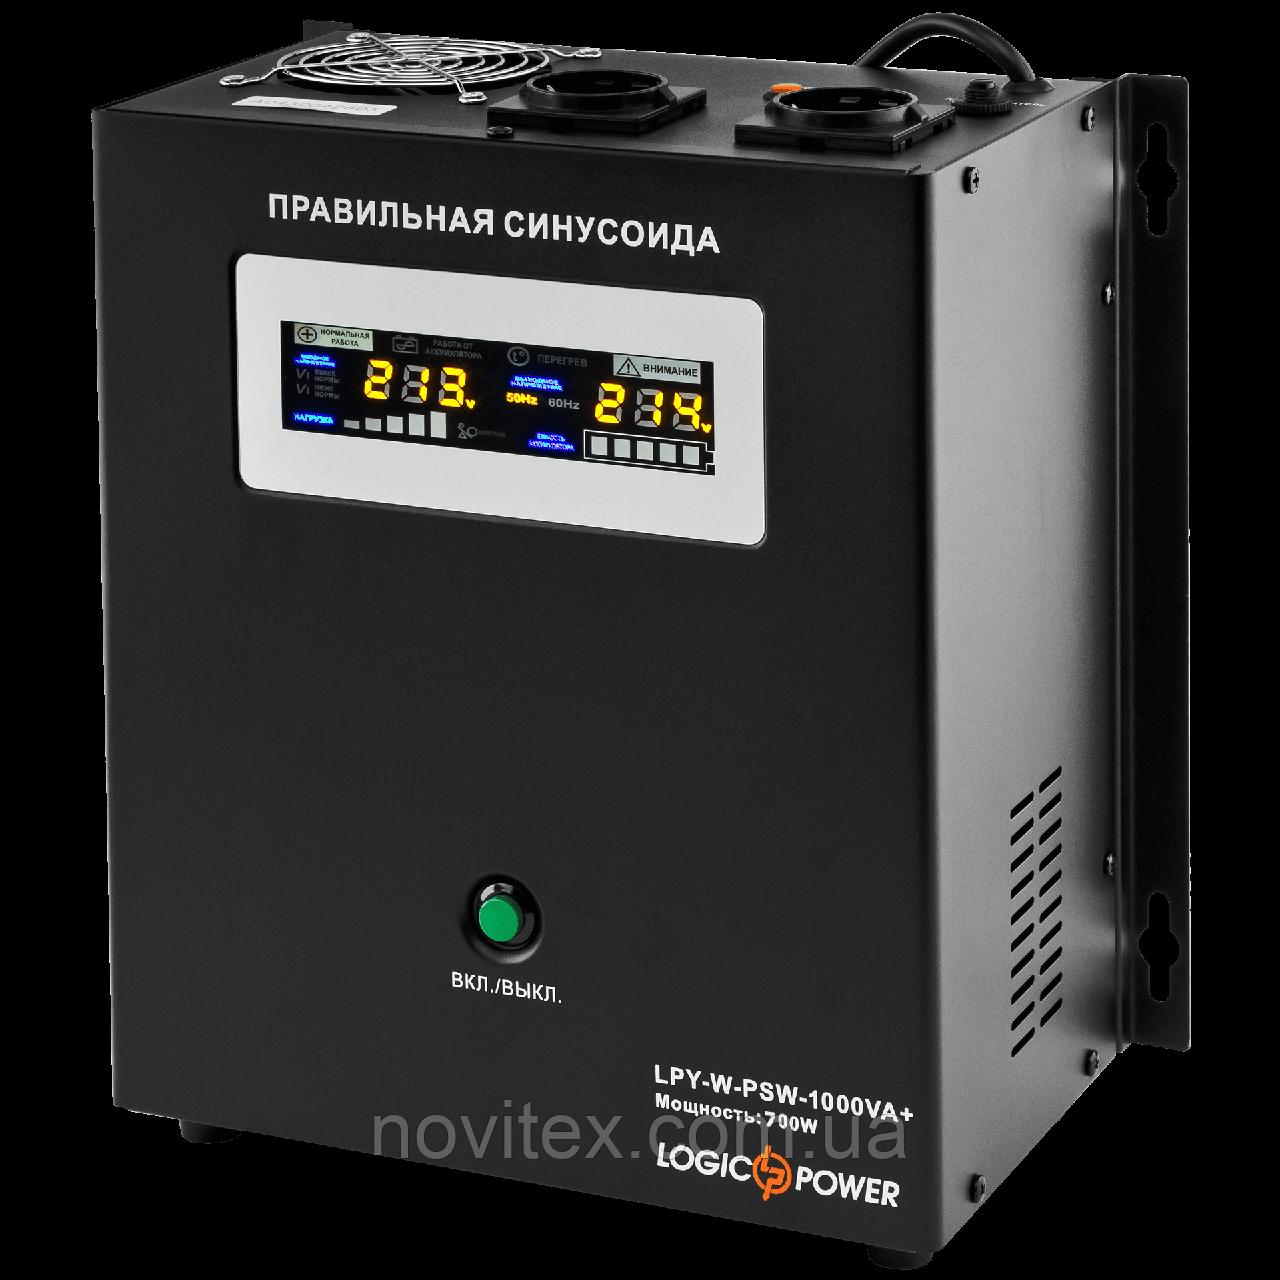 ИБП Logicpower LPY-W-PSW-1000+ (700Вт)